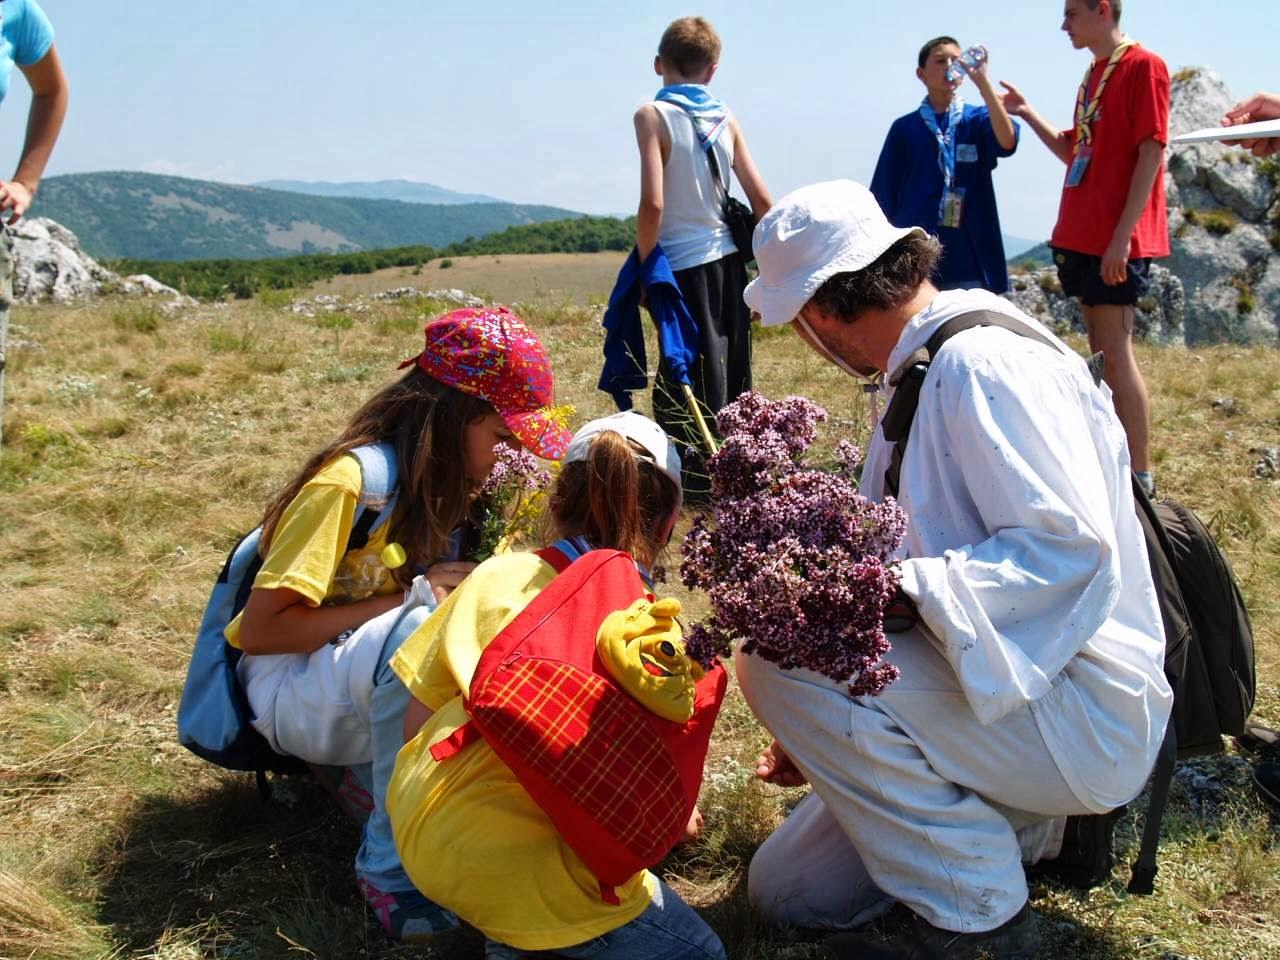 Smotra, Smotra 2006 - P0231142.JPG